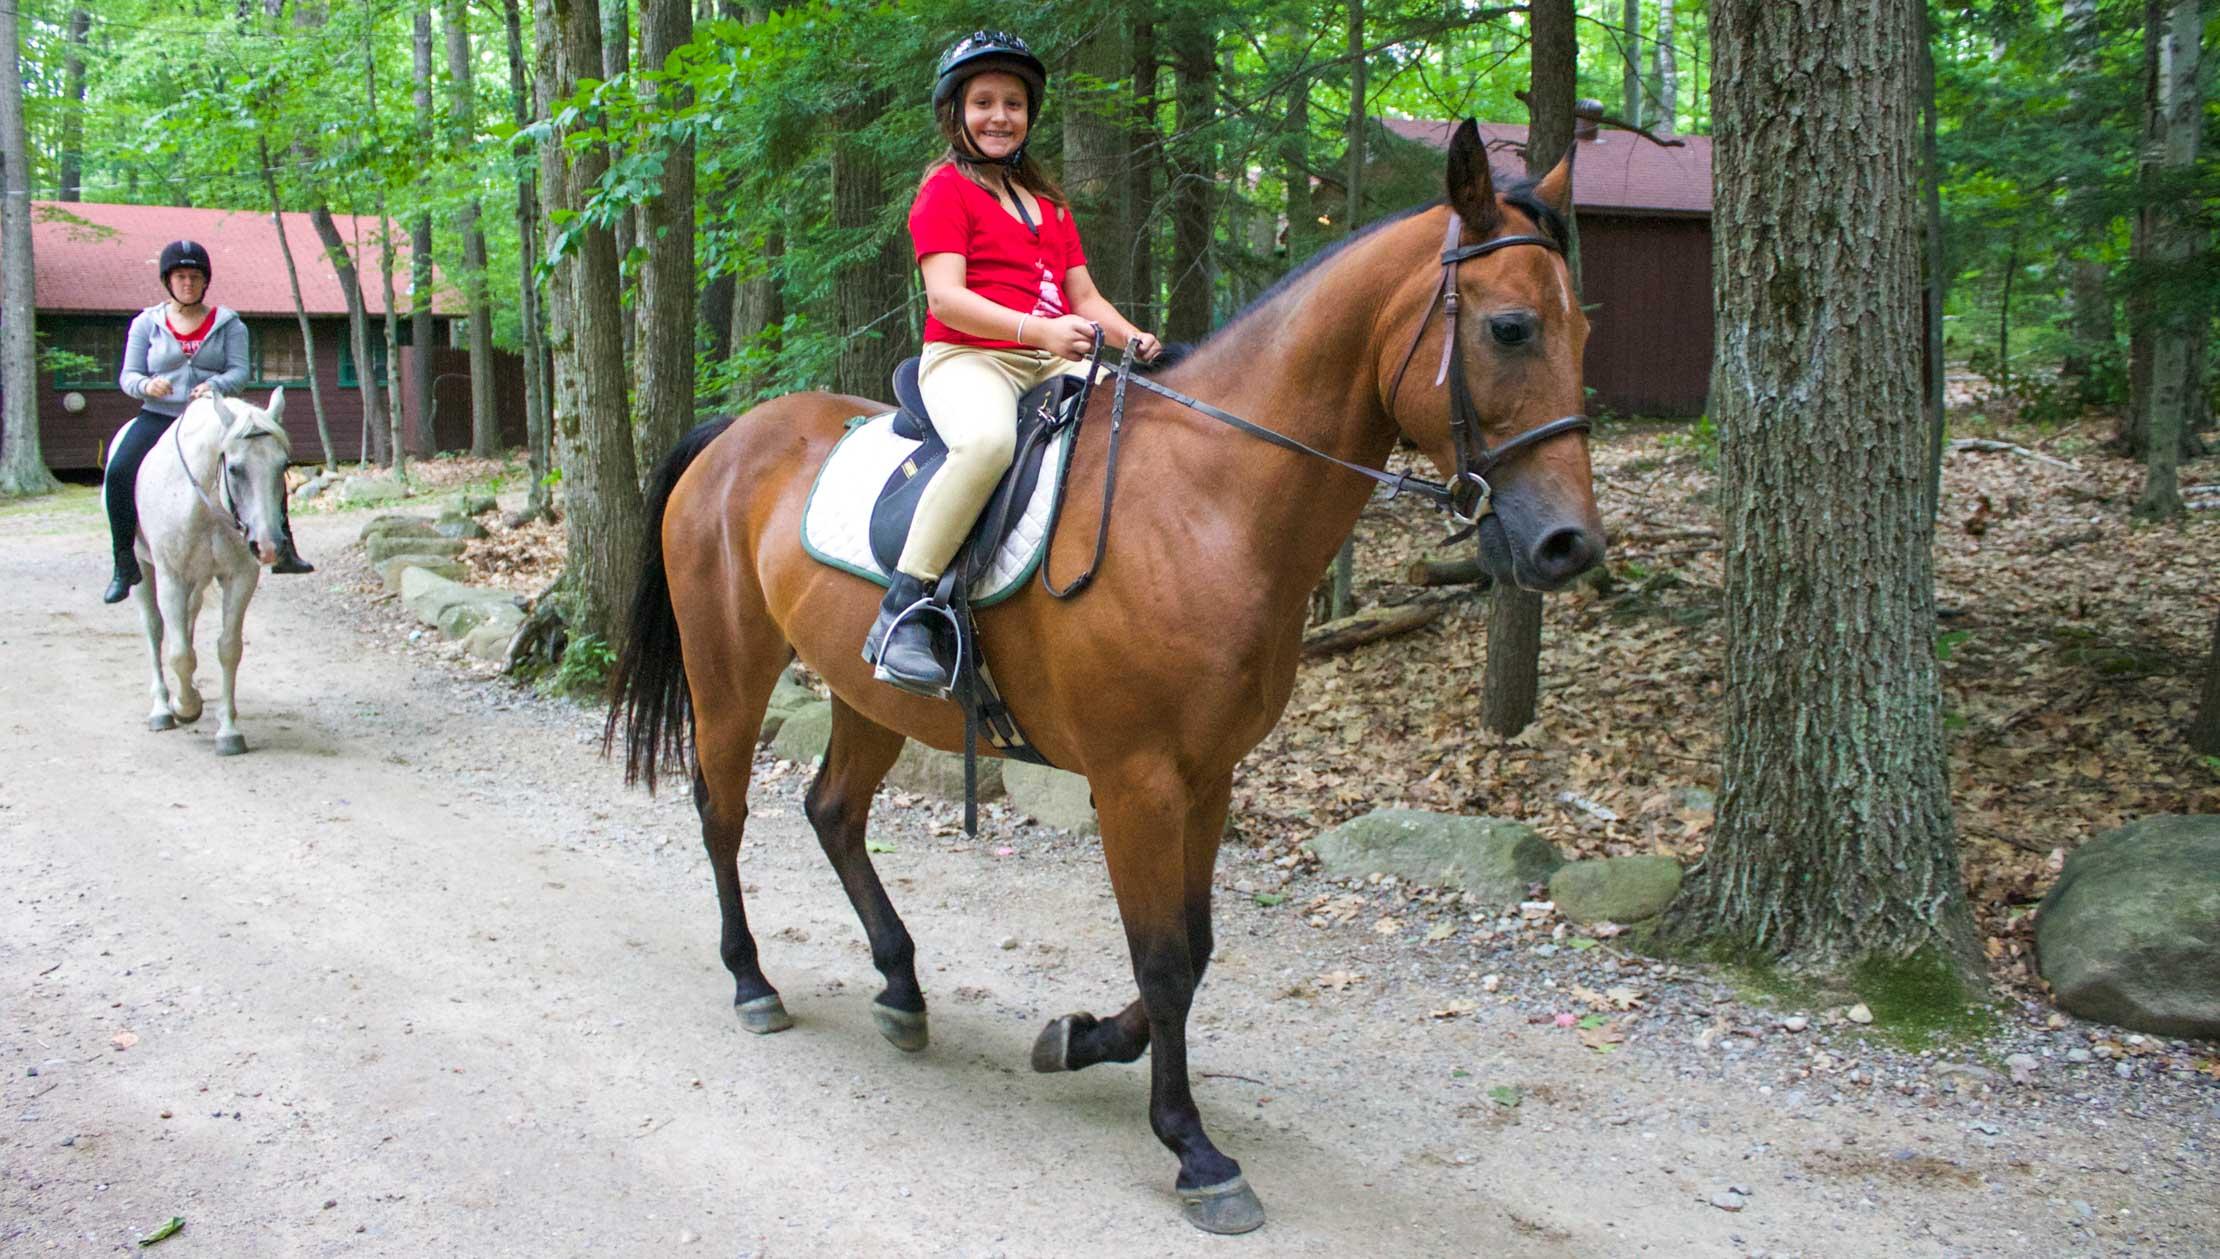 Trail riding through camp